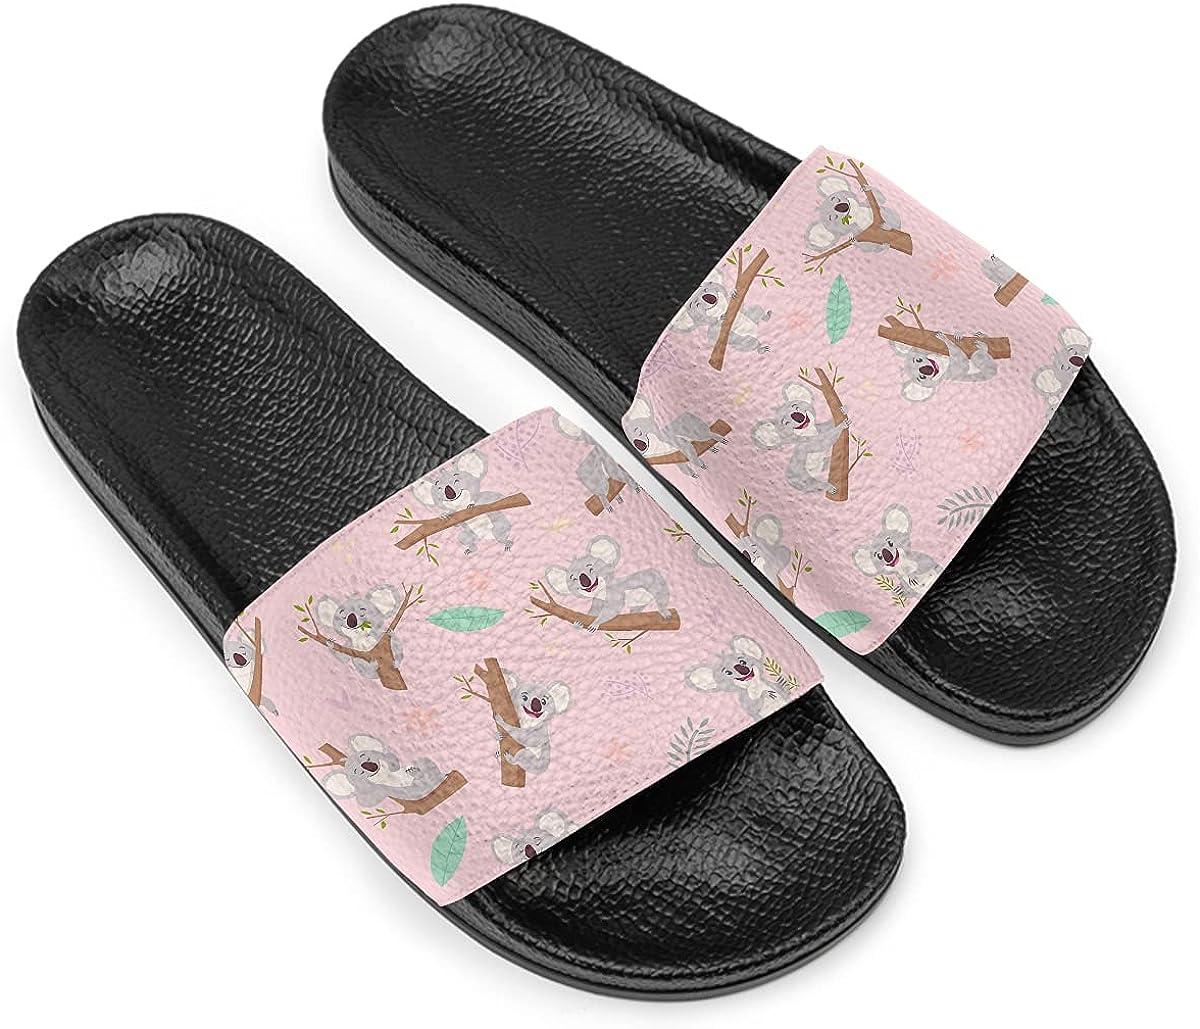 Koalas Slippers For Women Men 25% OFF Flat Ope soft trend rank soled black non-slip